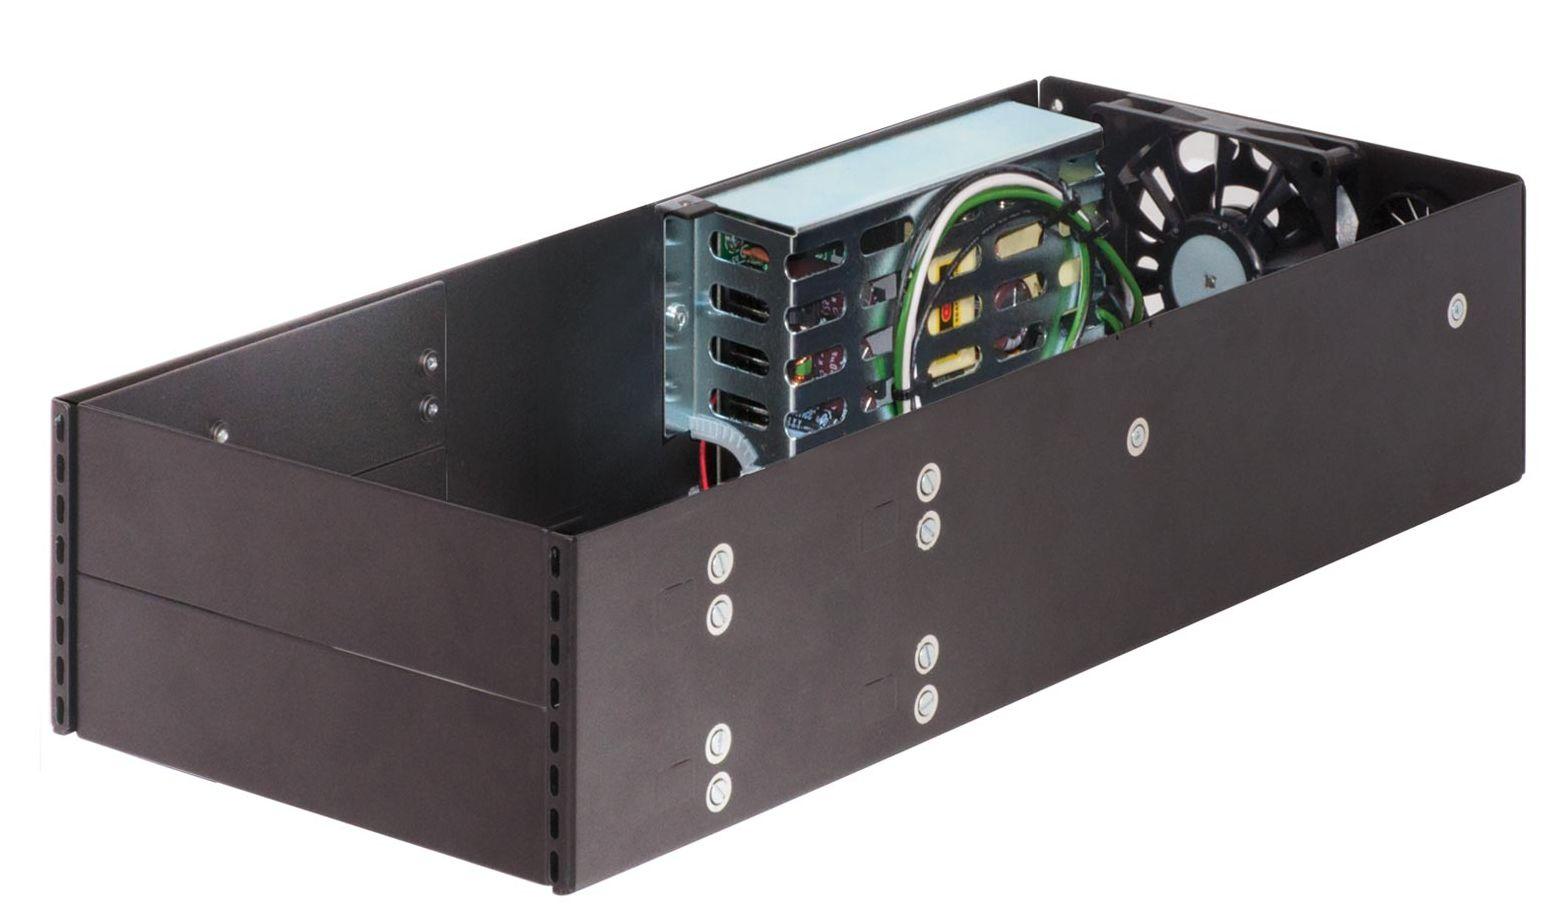 Sonnet technologies mobile rack kit basic edition - Mobel reck ...